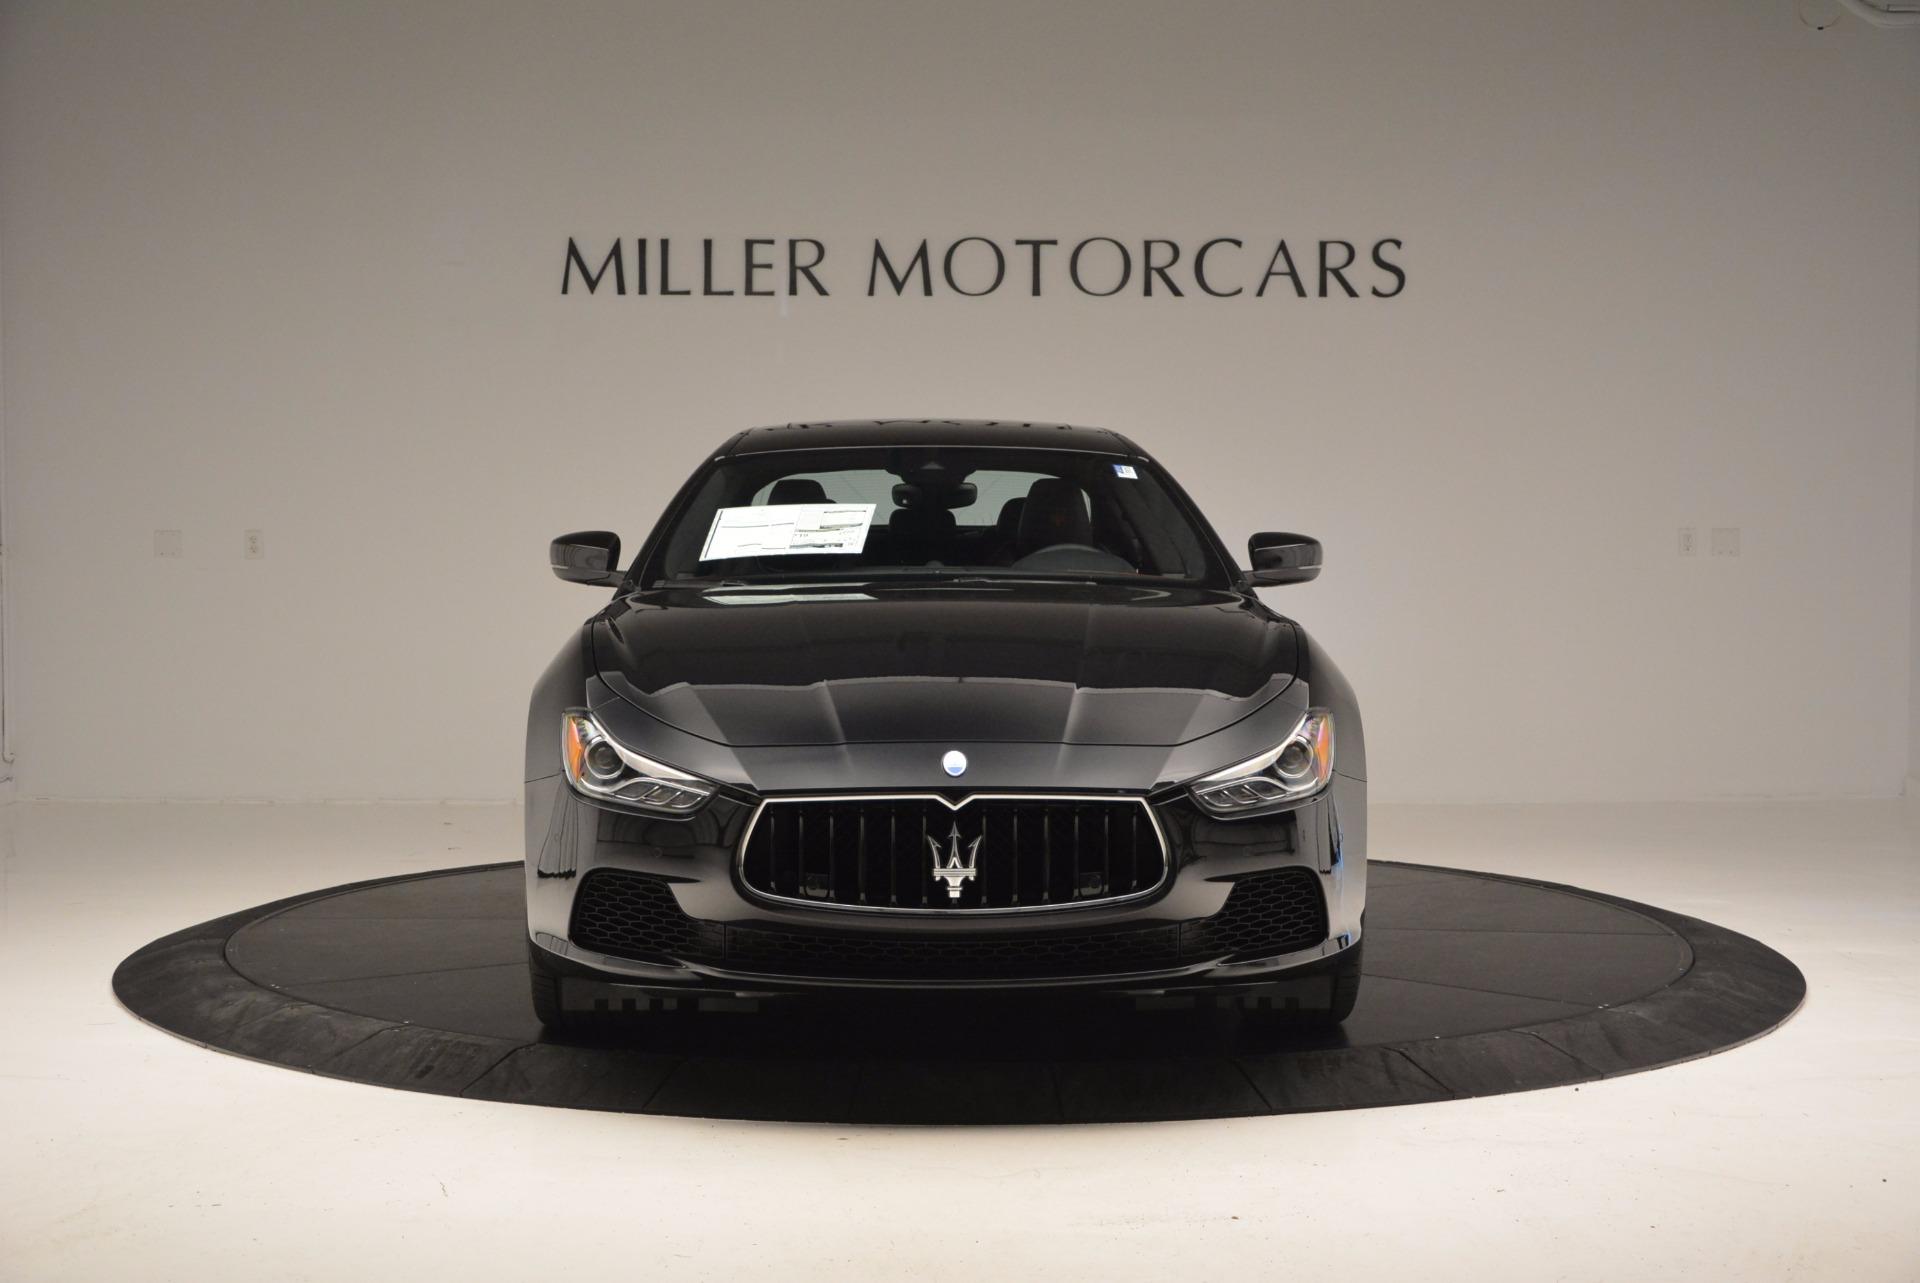 New 2017 Maserati Ghibli SQ4 For Sale In Greenwich, CT 1443_p12